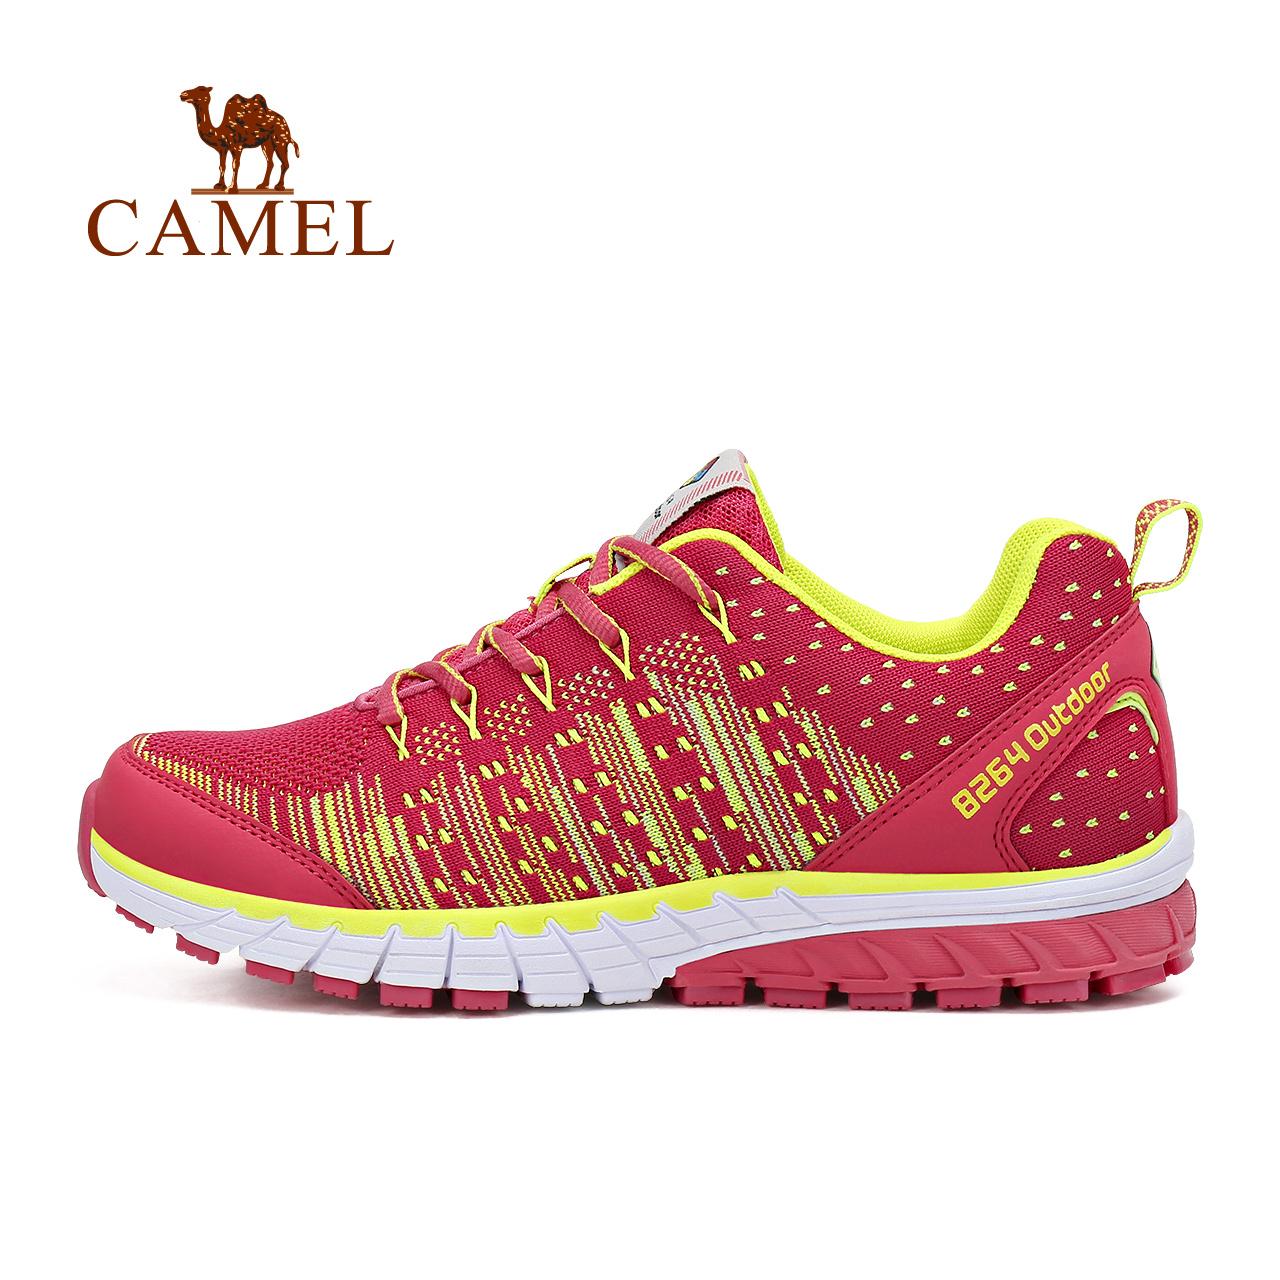 骆驼&8264登山队系列户外越野跑鞋女士休闲运动鞋轻便透气低帮鞋